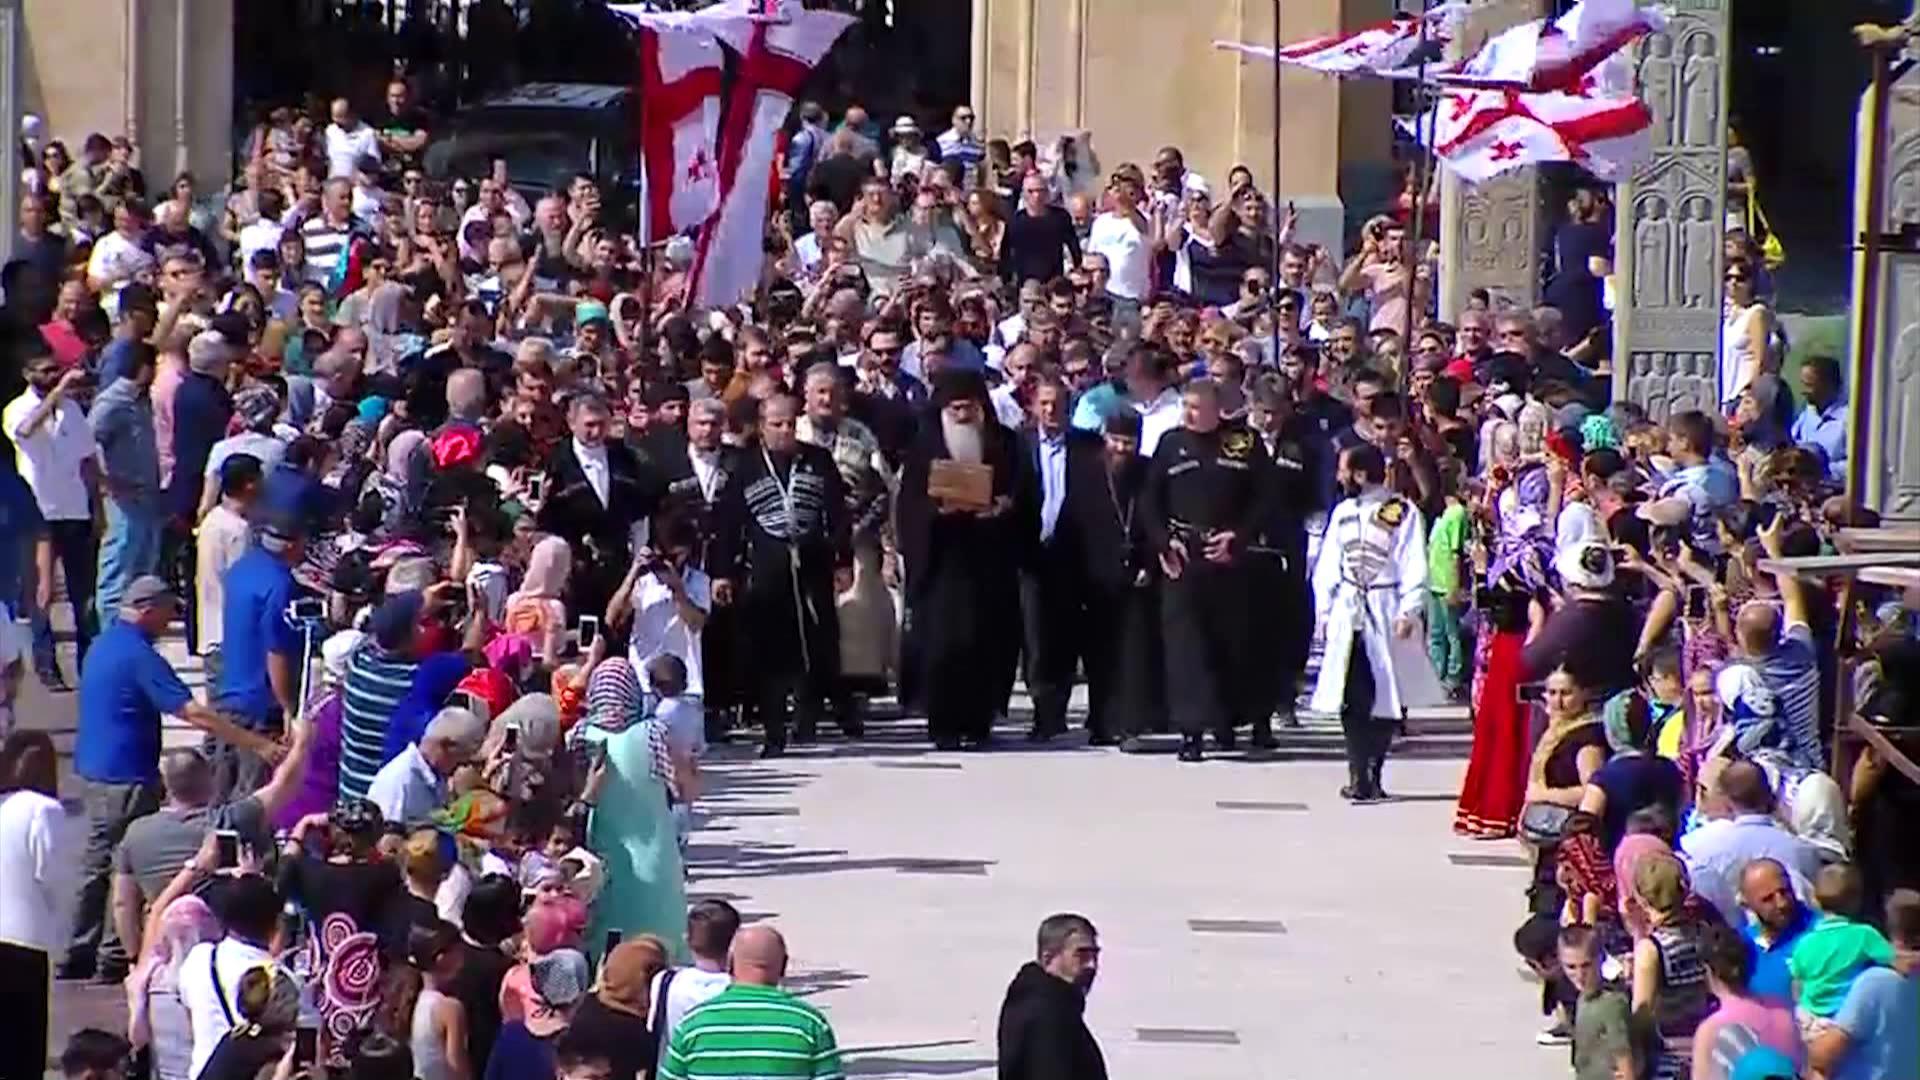 ქეთევან დედოფლის წმინდა ნაწილები სამების საკათედრო ტაძარშია დასვენებული